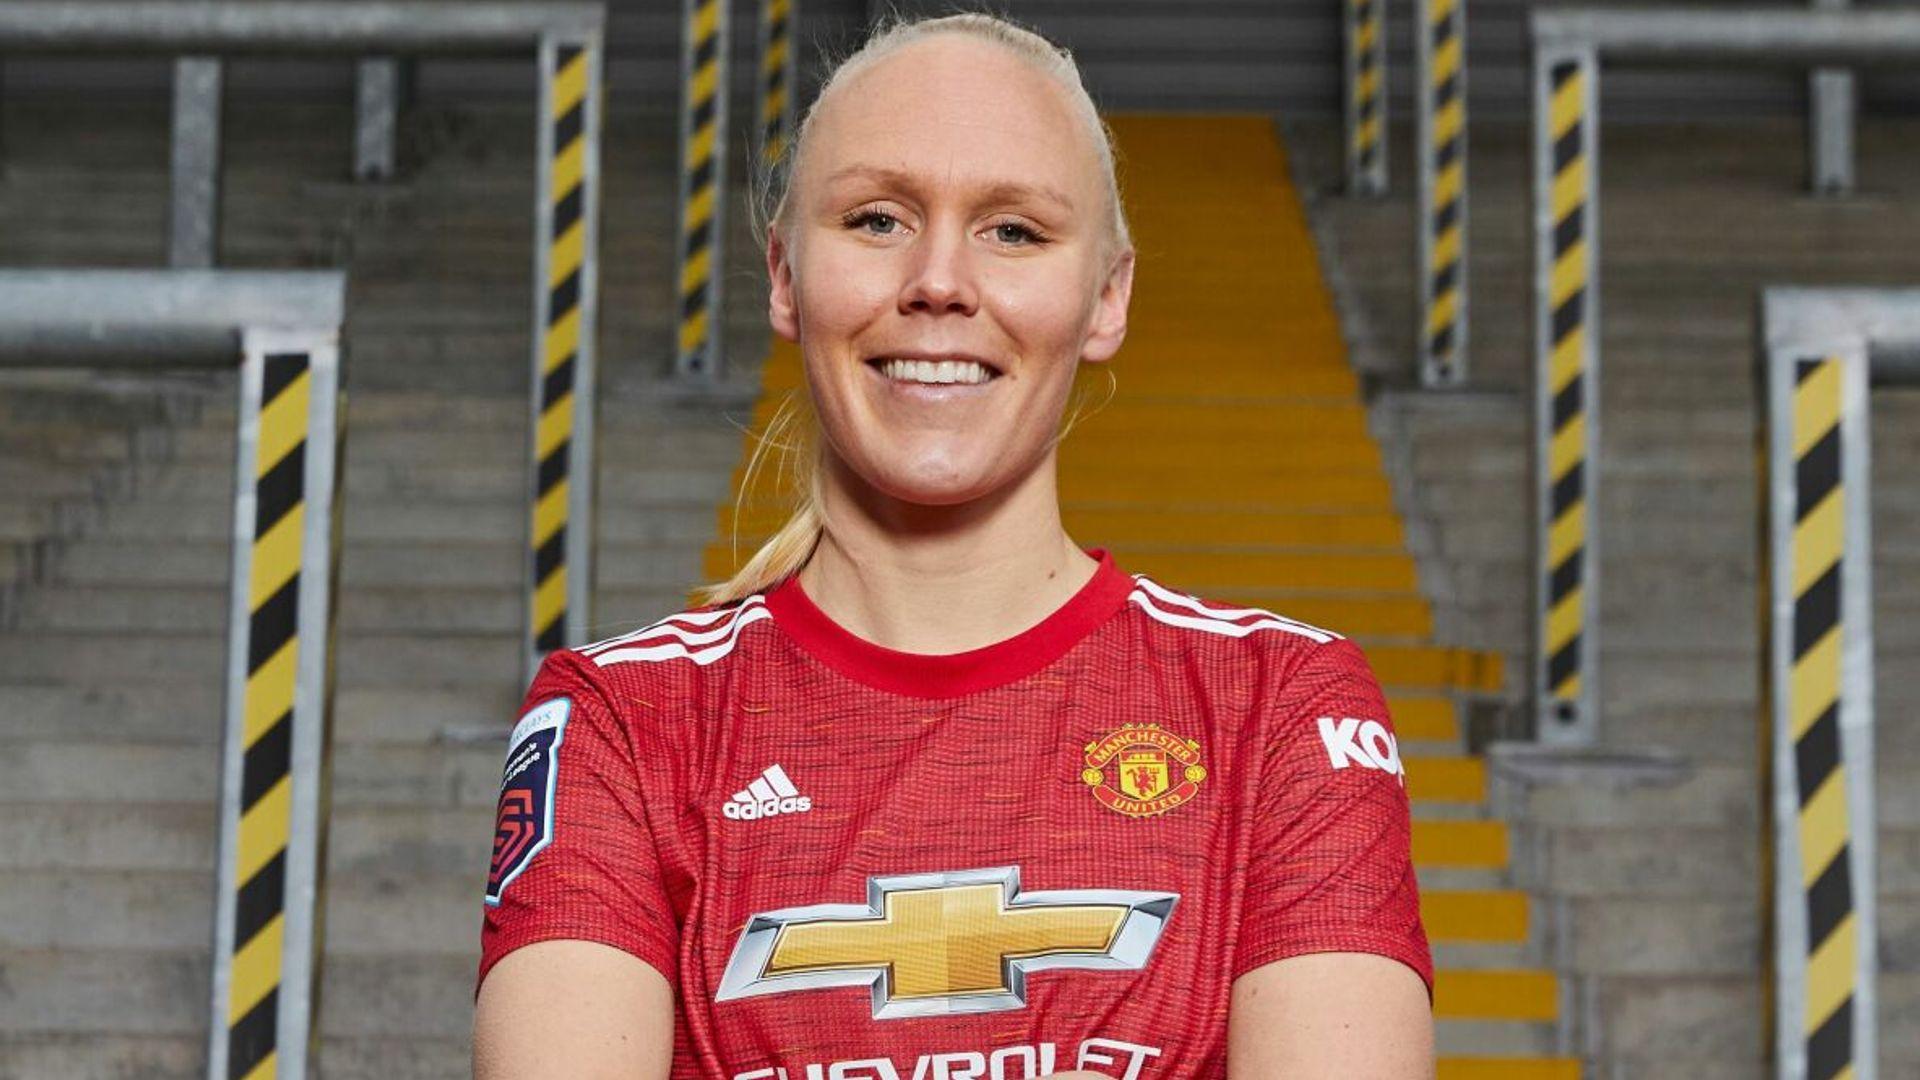 Thorisdottir signs for Man Utd Women from Chelsea - sky sports